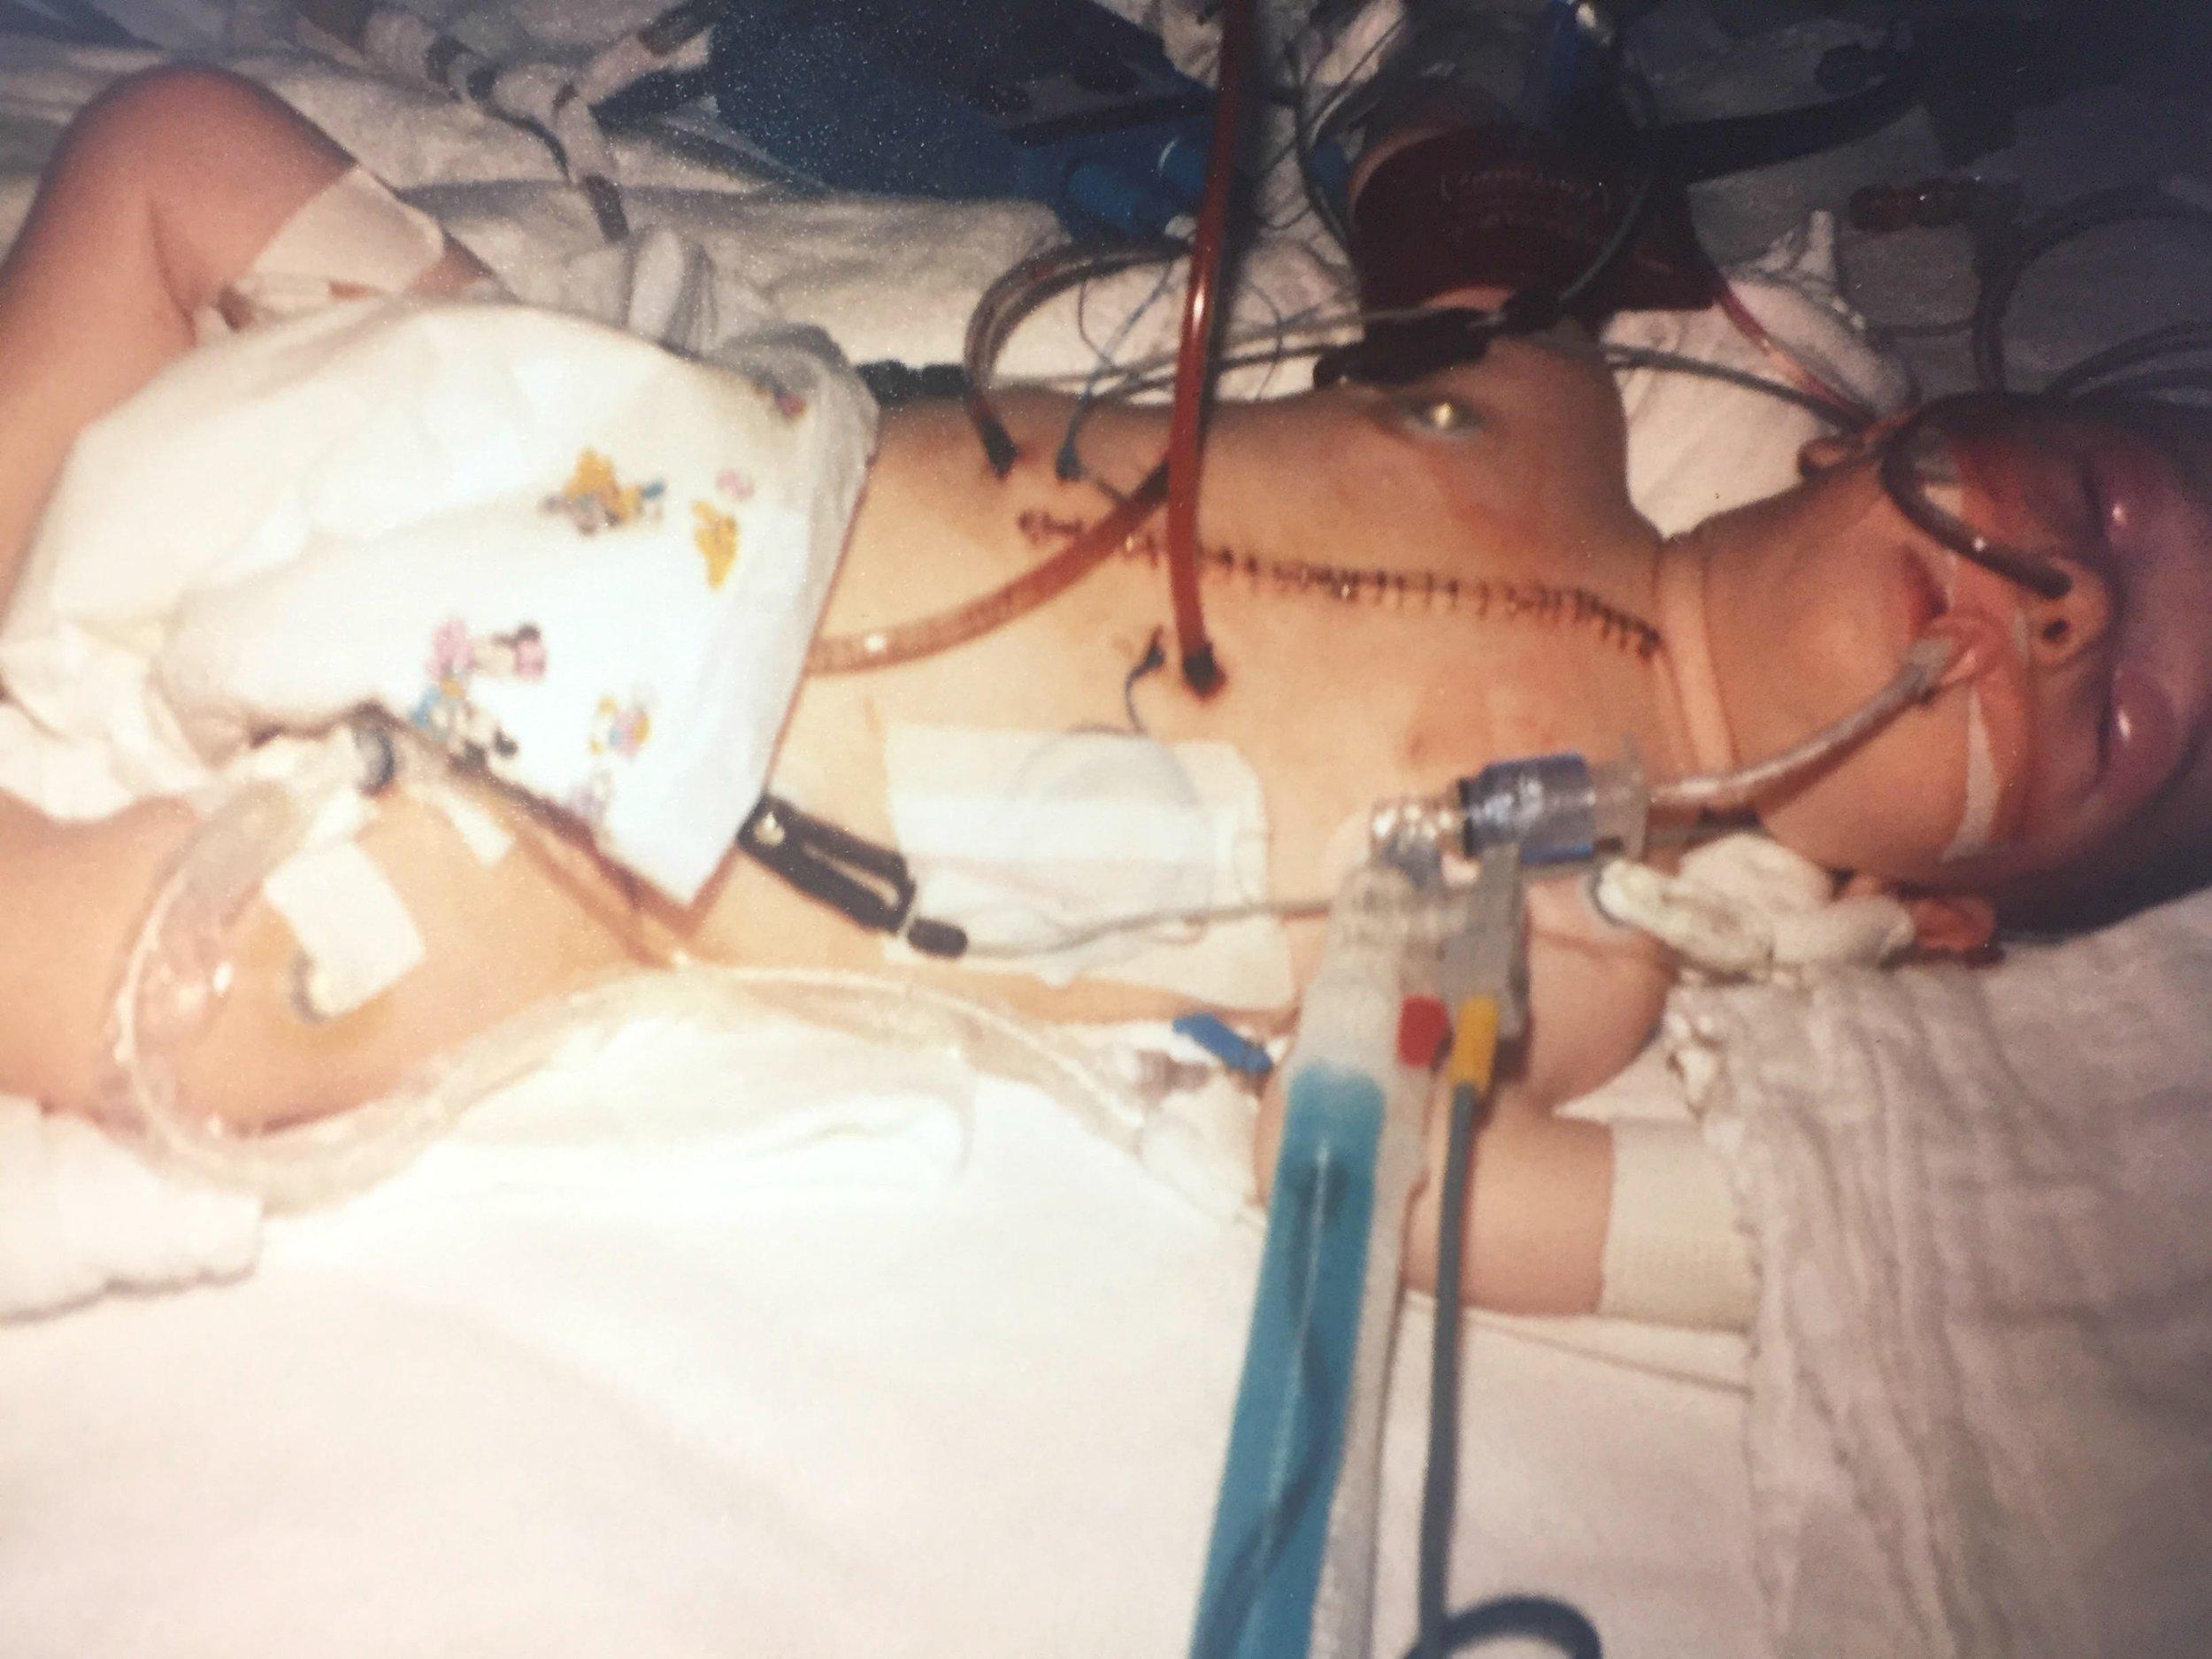 open-heart-surgery